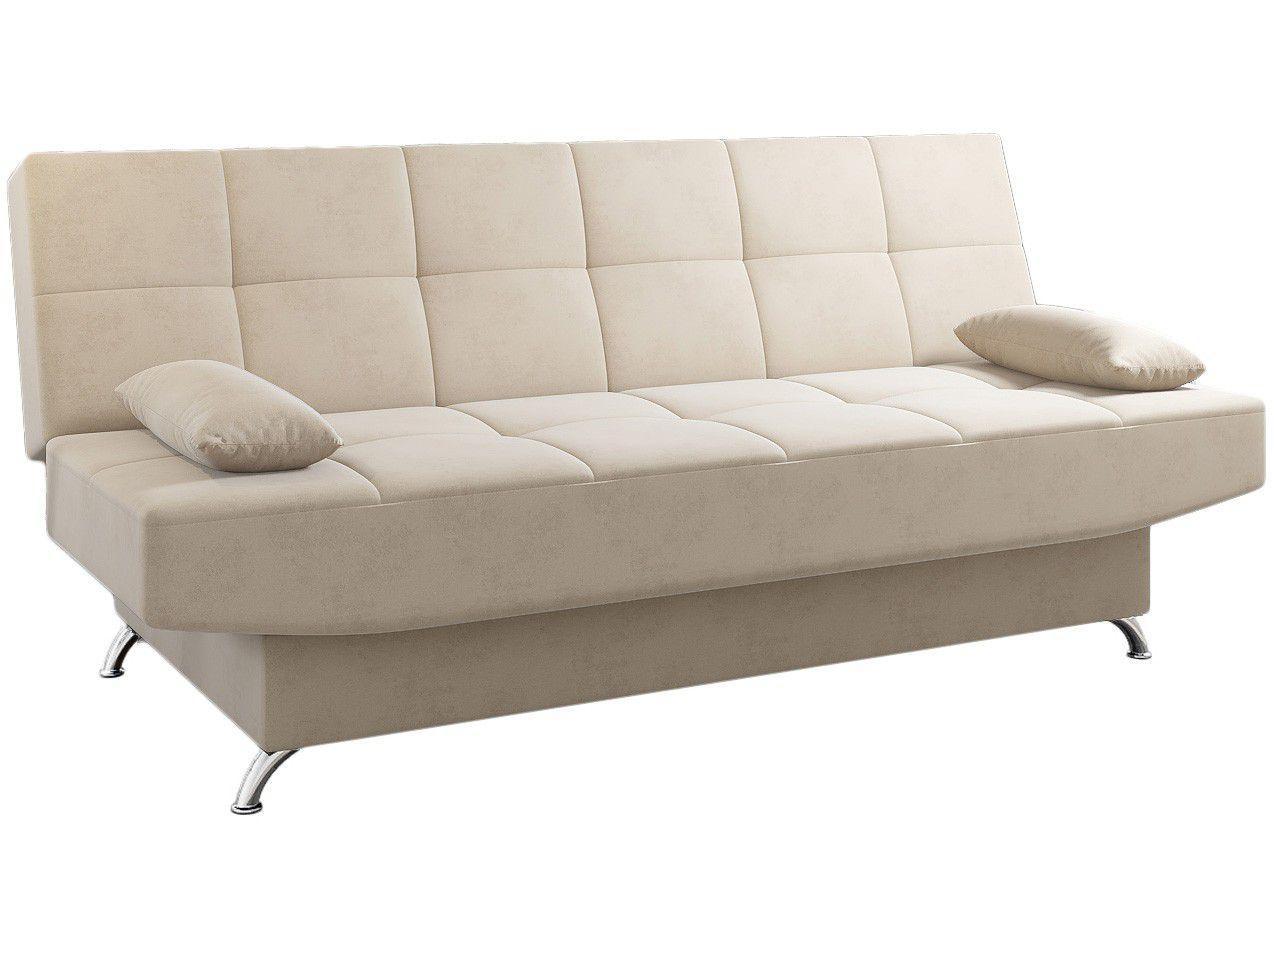 Sofá-cama Casal 2 Lugares Reclinável Veludo - Viero Vintage